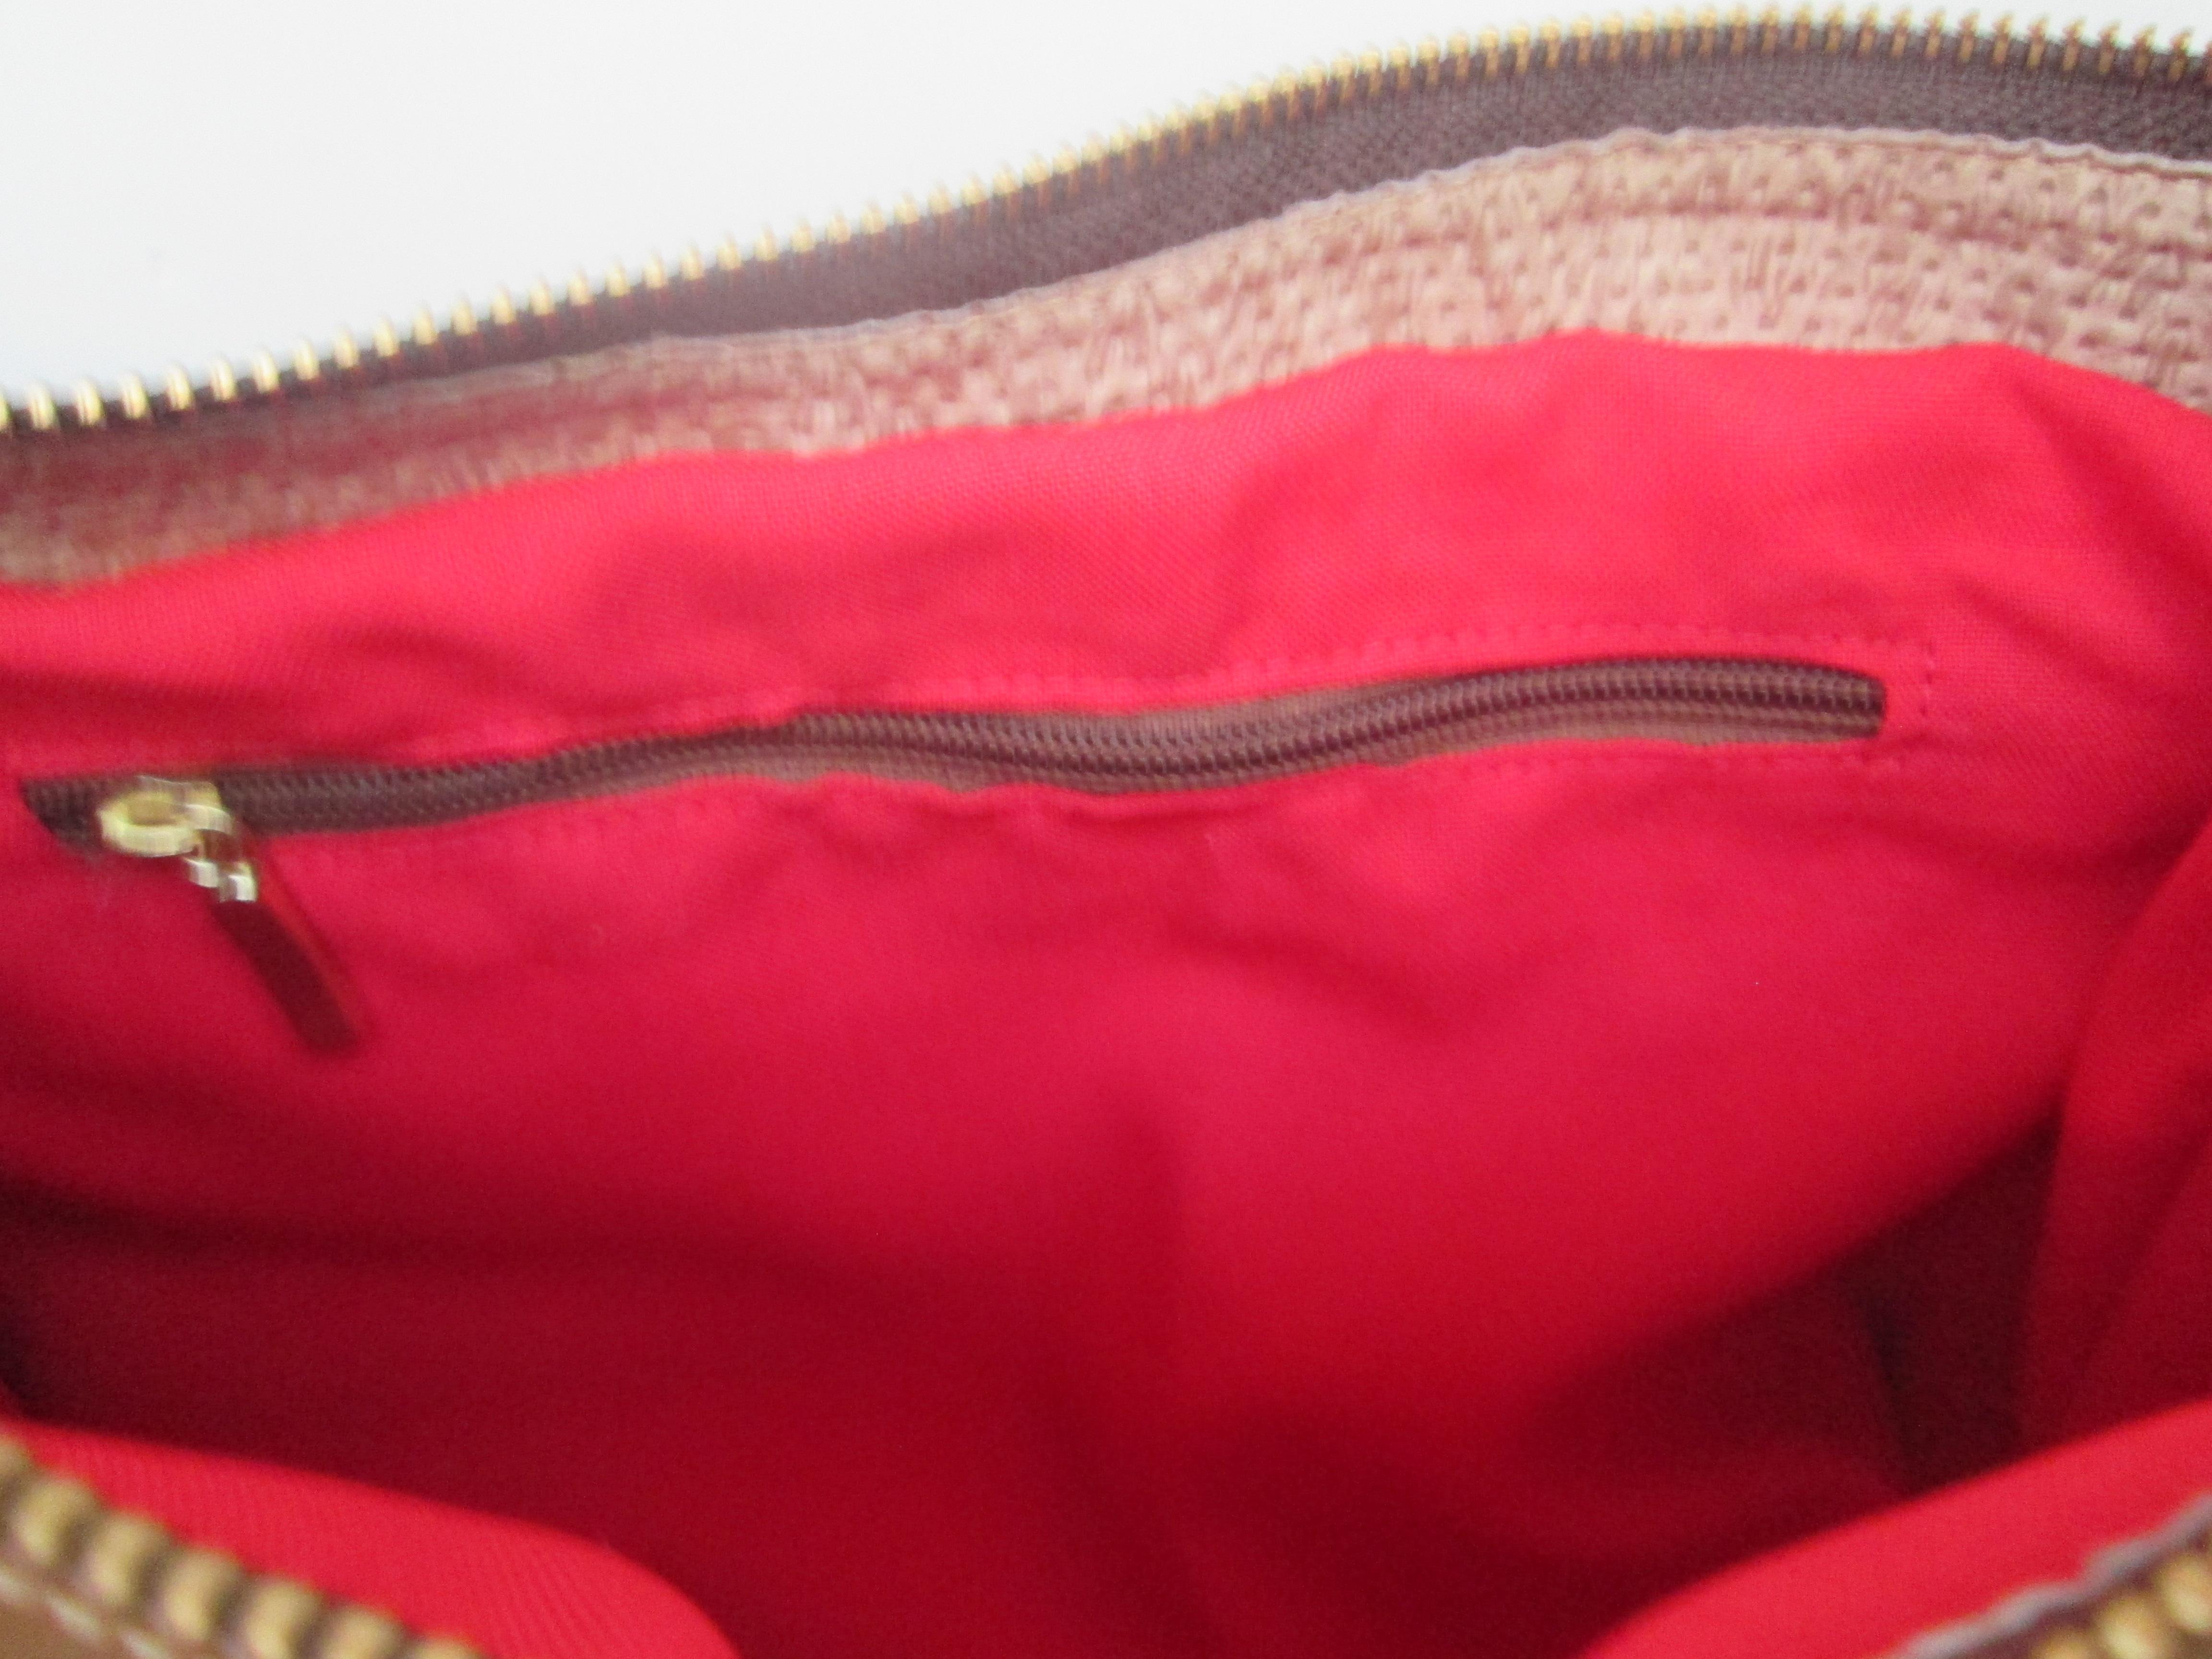 Bolsa De Couro Legitimo Pequena : Bolsa em couro legitimo henrique maranzatto elo